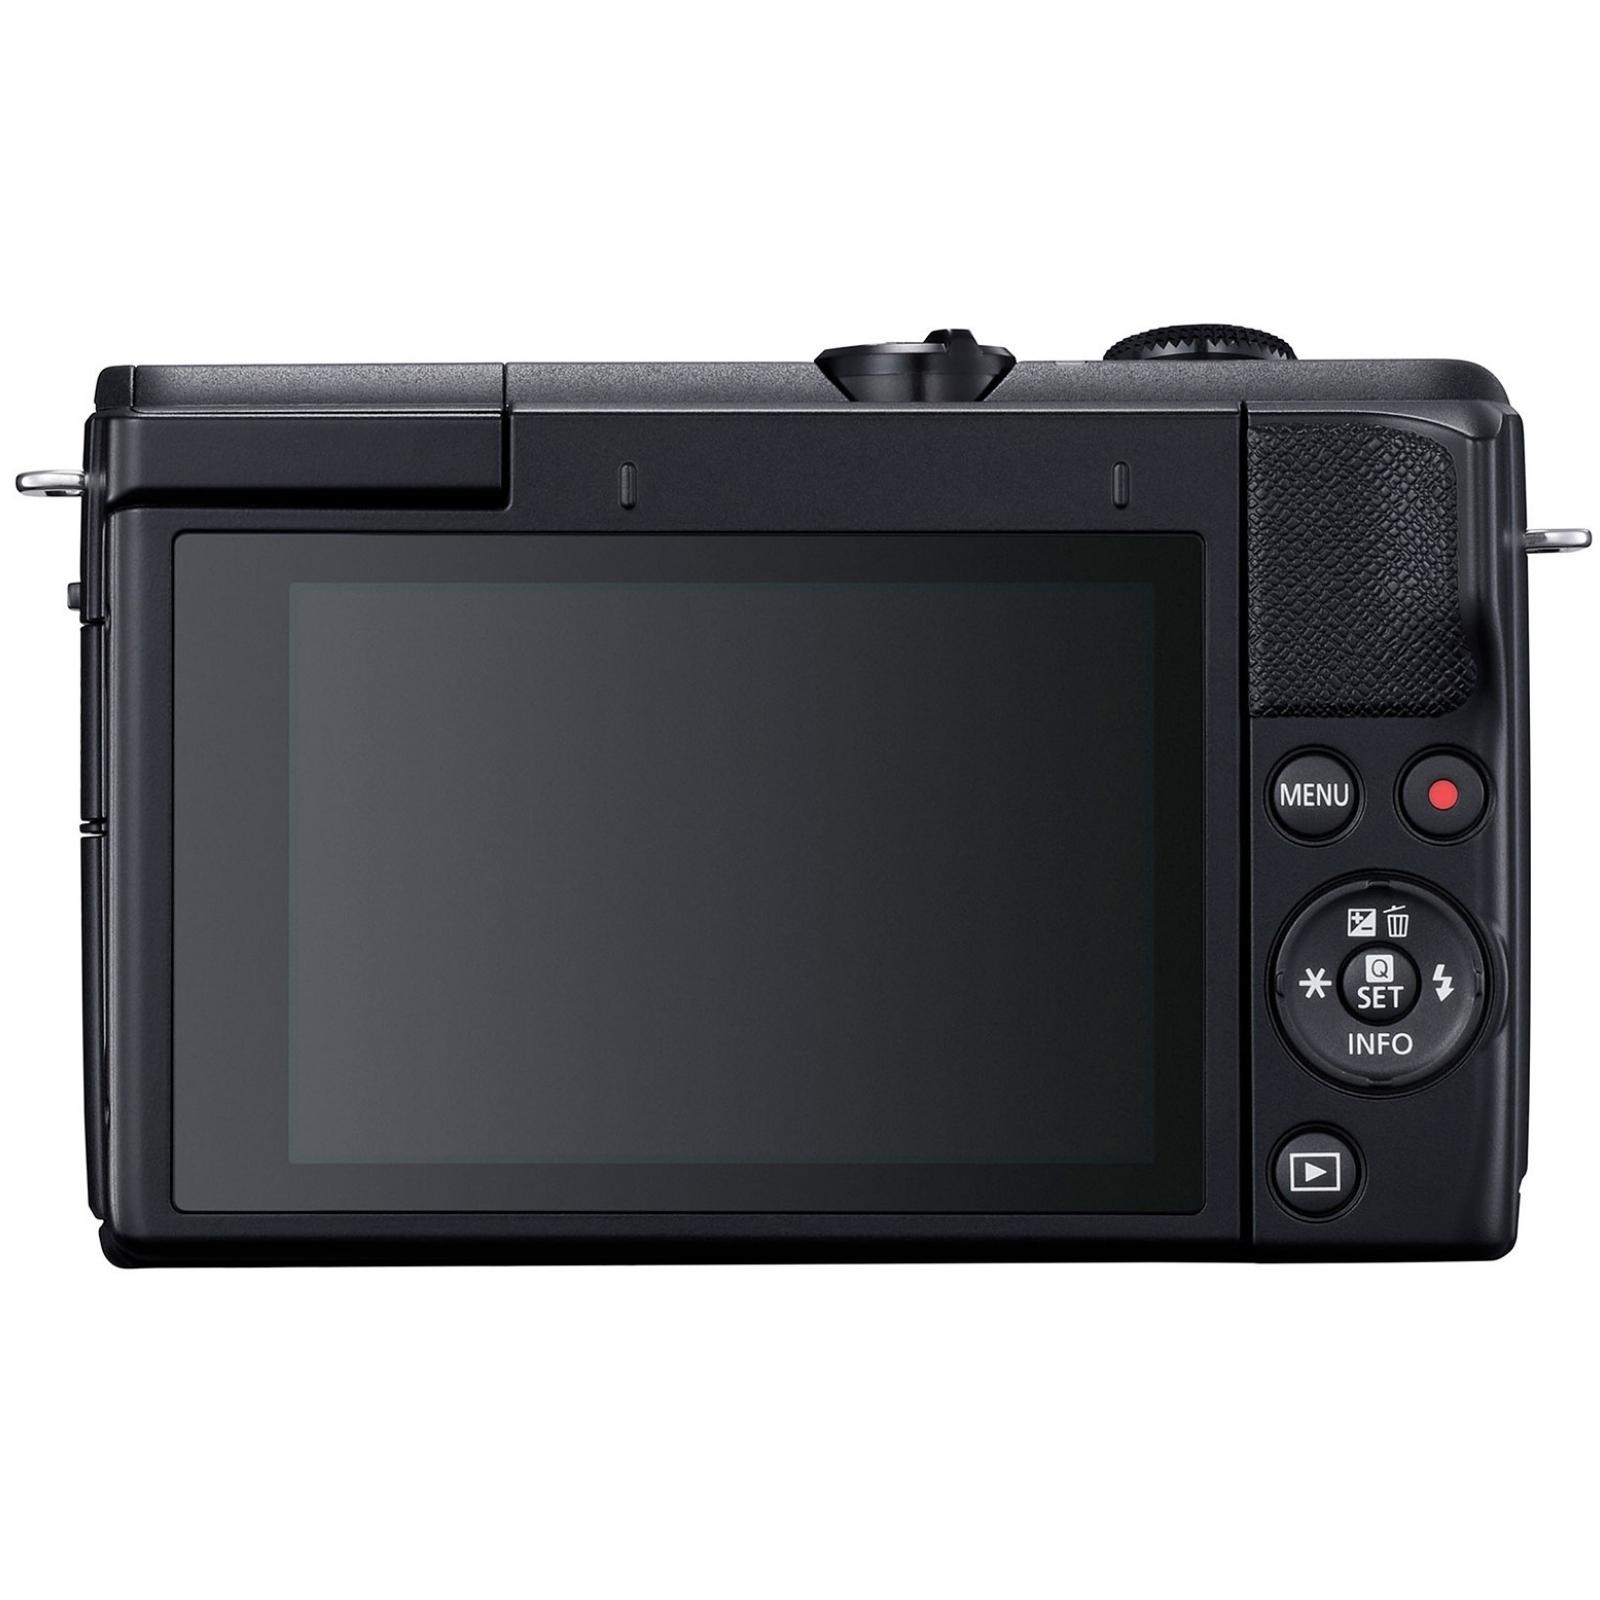 Canon キヤノン ミラーレス一眼カメラ EOS M200 ボディ ブラック 新品